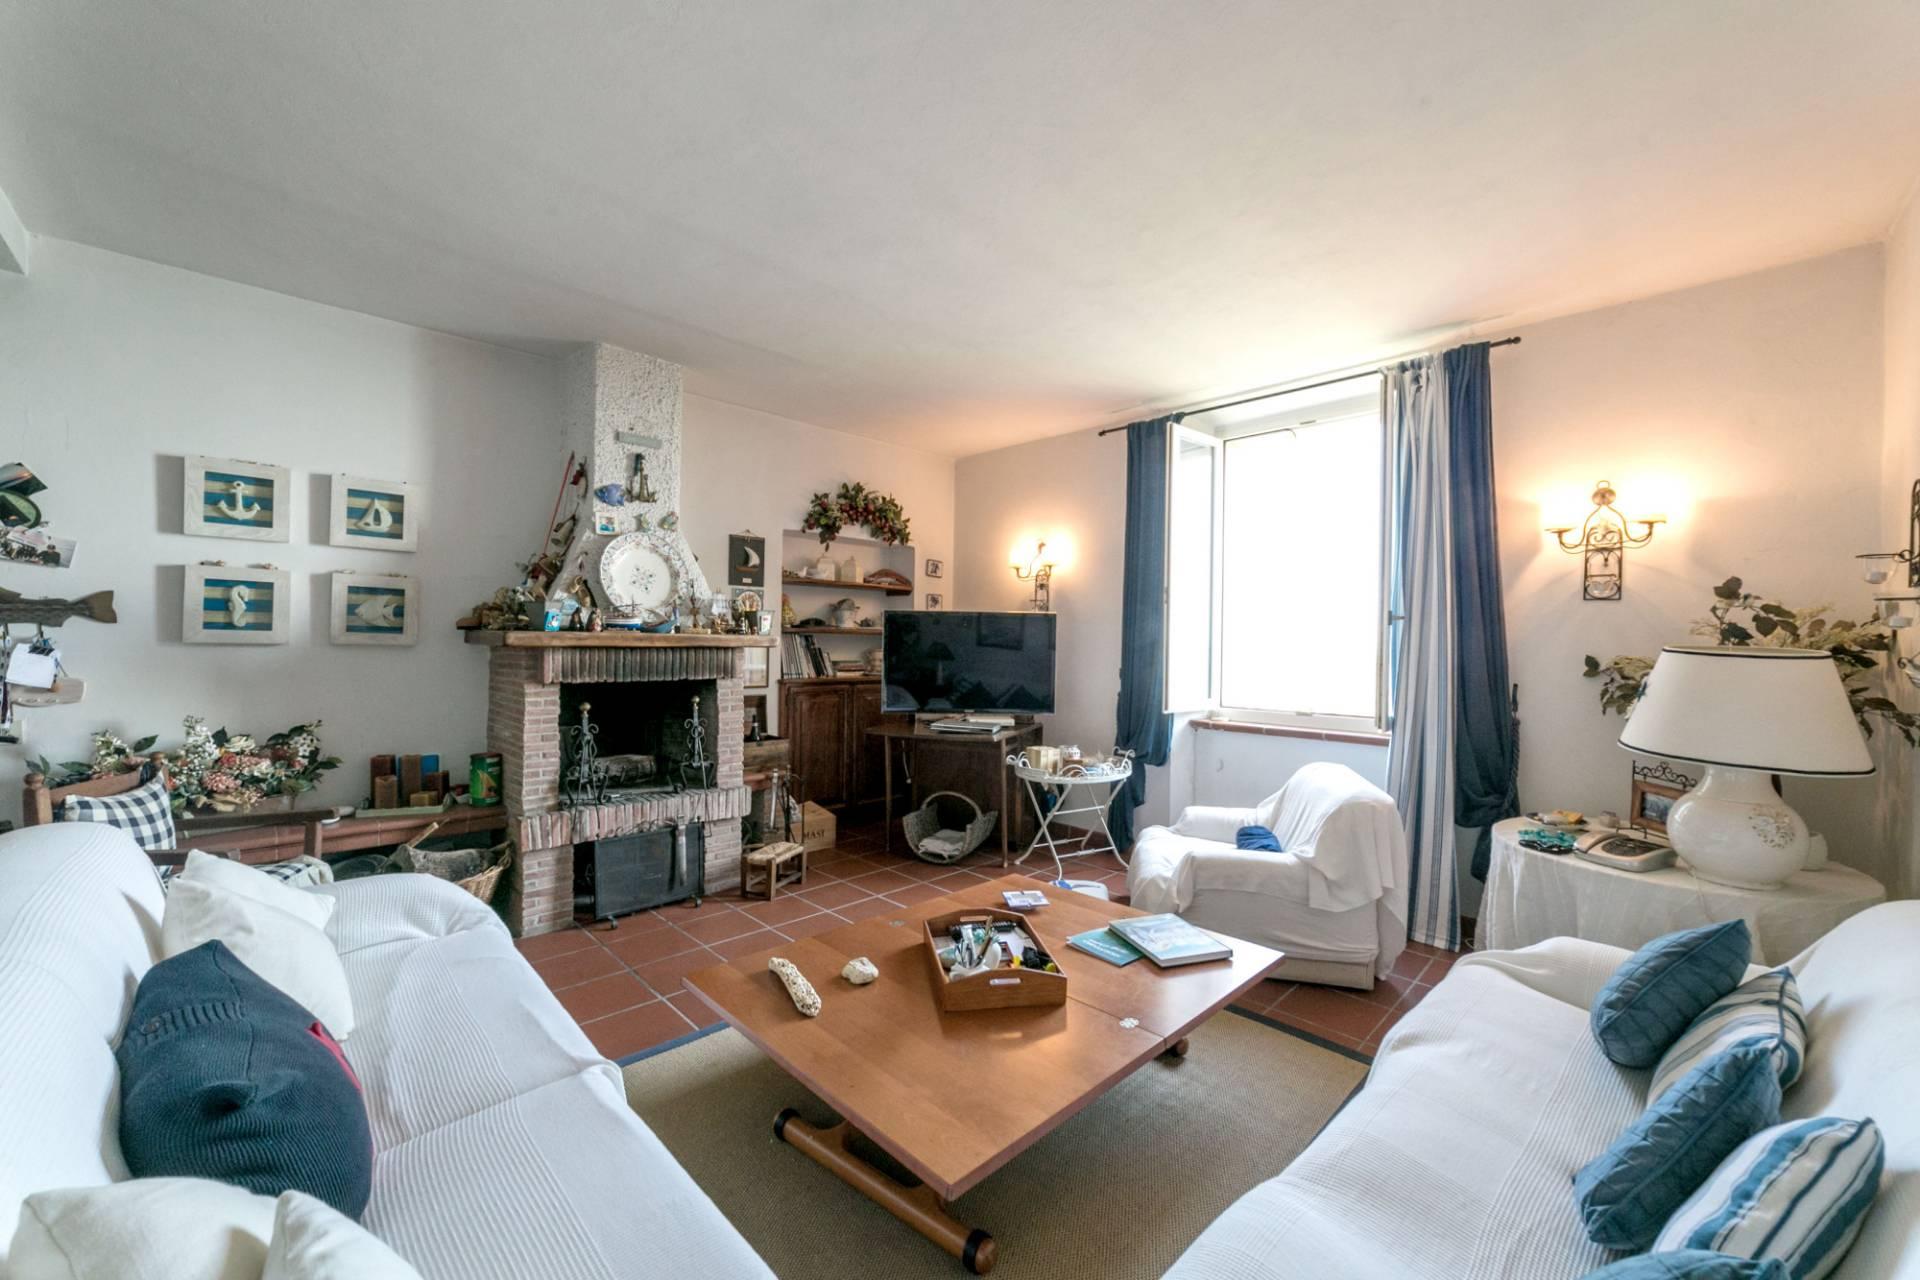 Appartamento in vendita a Monte Argentario, 5 locali, zona Località: PortoS.oStefano, prezzo € 320.000 | PortaleAgenzieImmobiliari.it